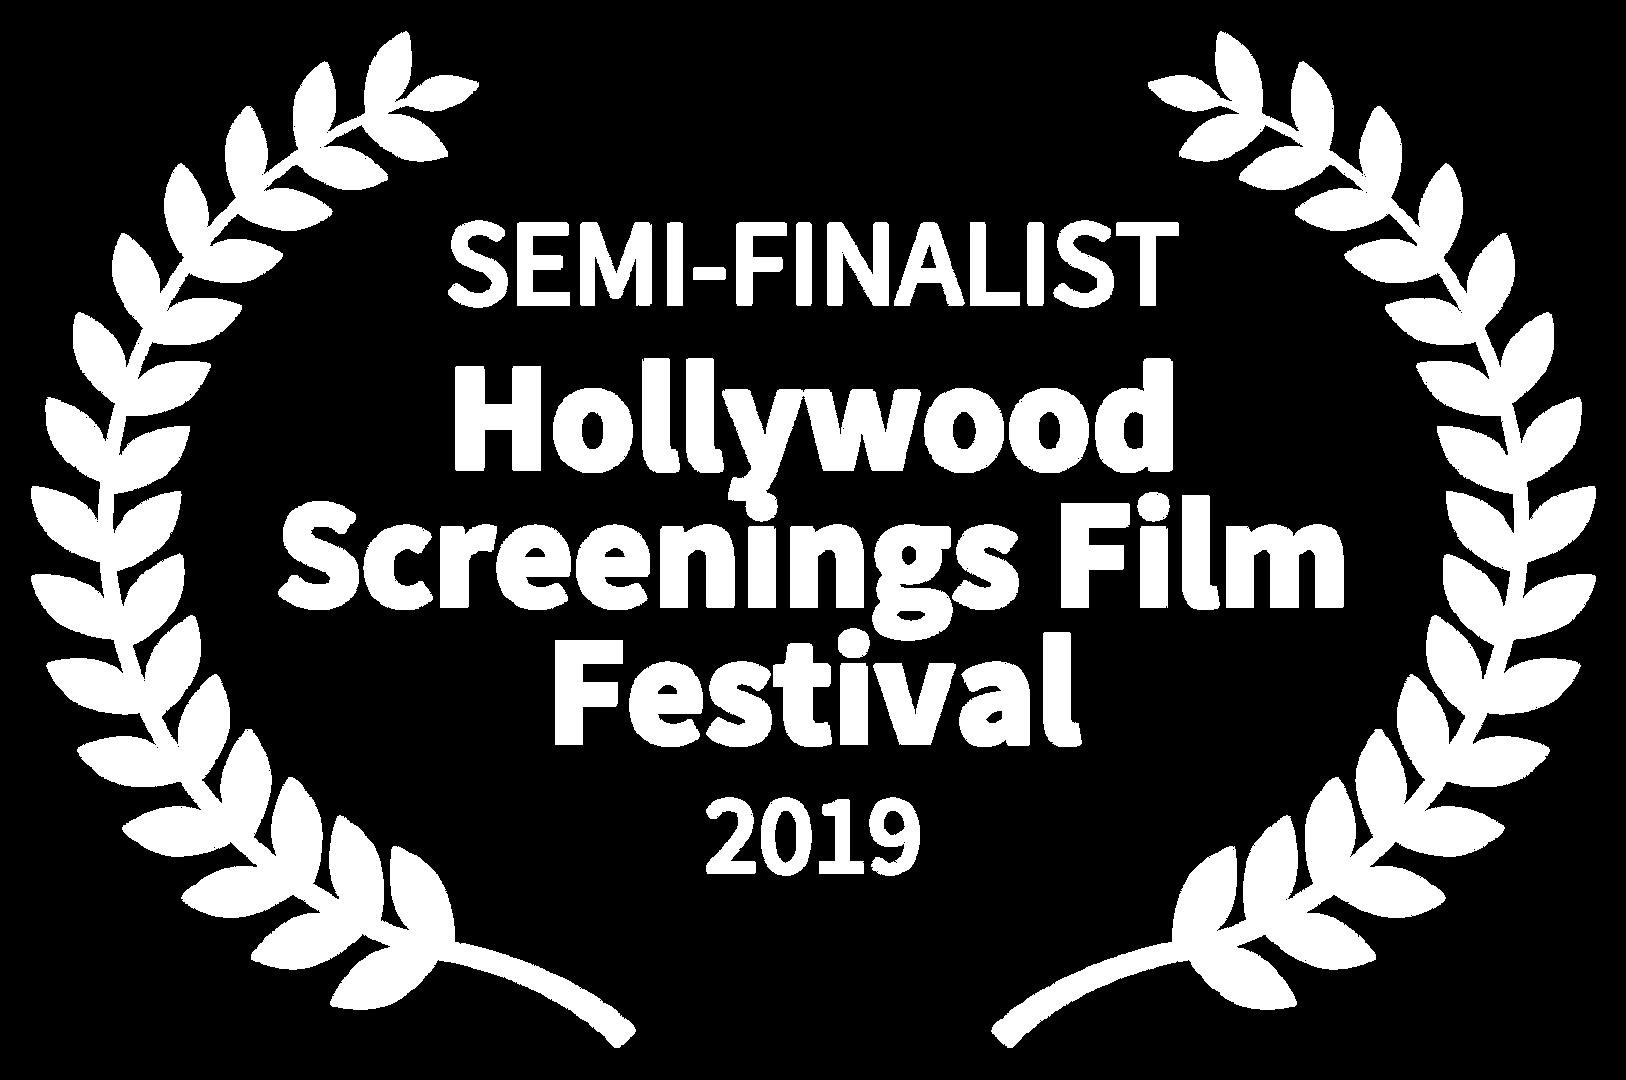 SEMI-FINALIST - Hollywood Screenings Fil